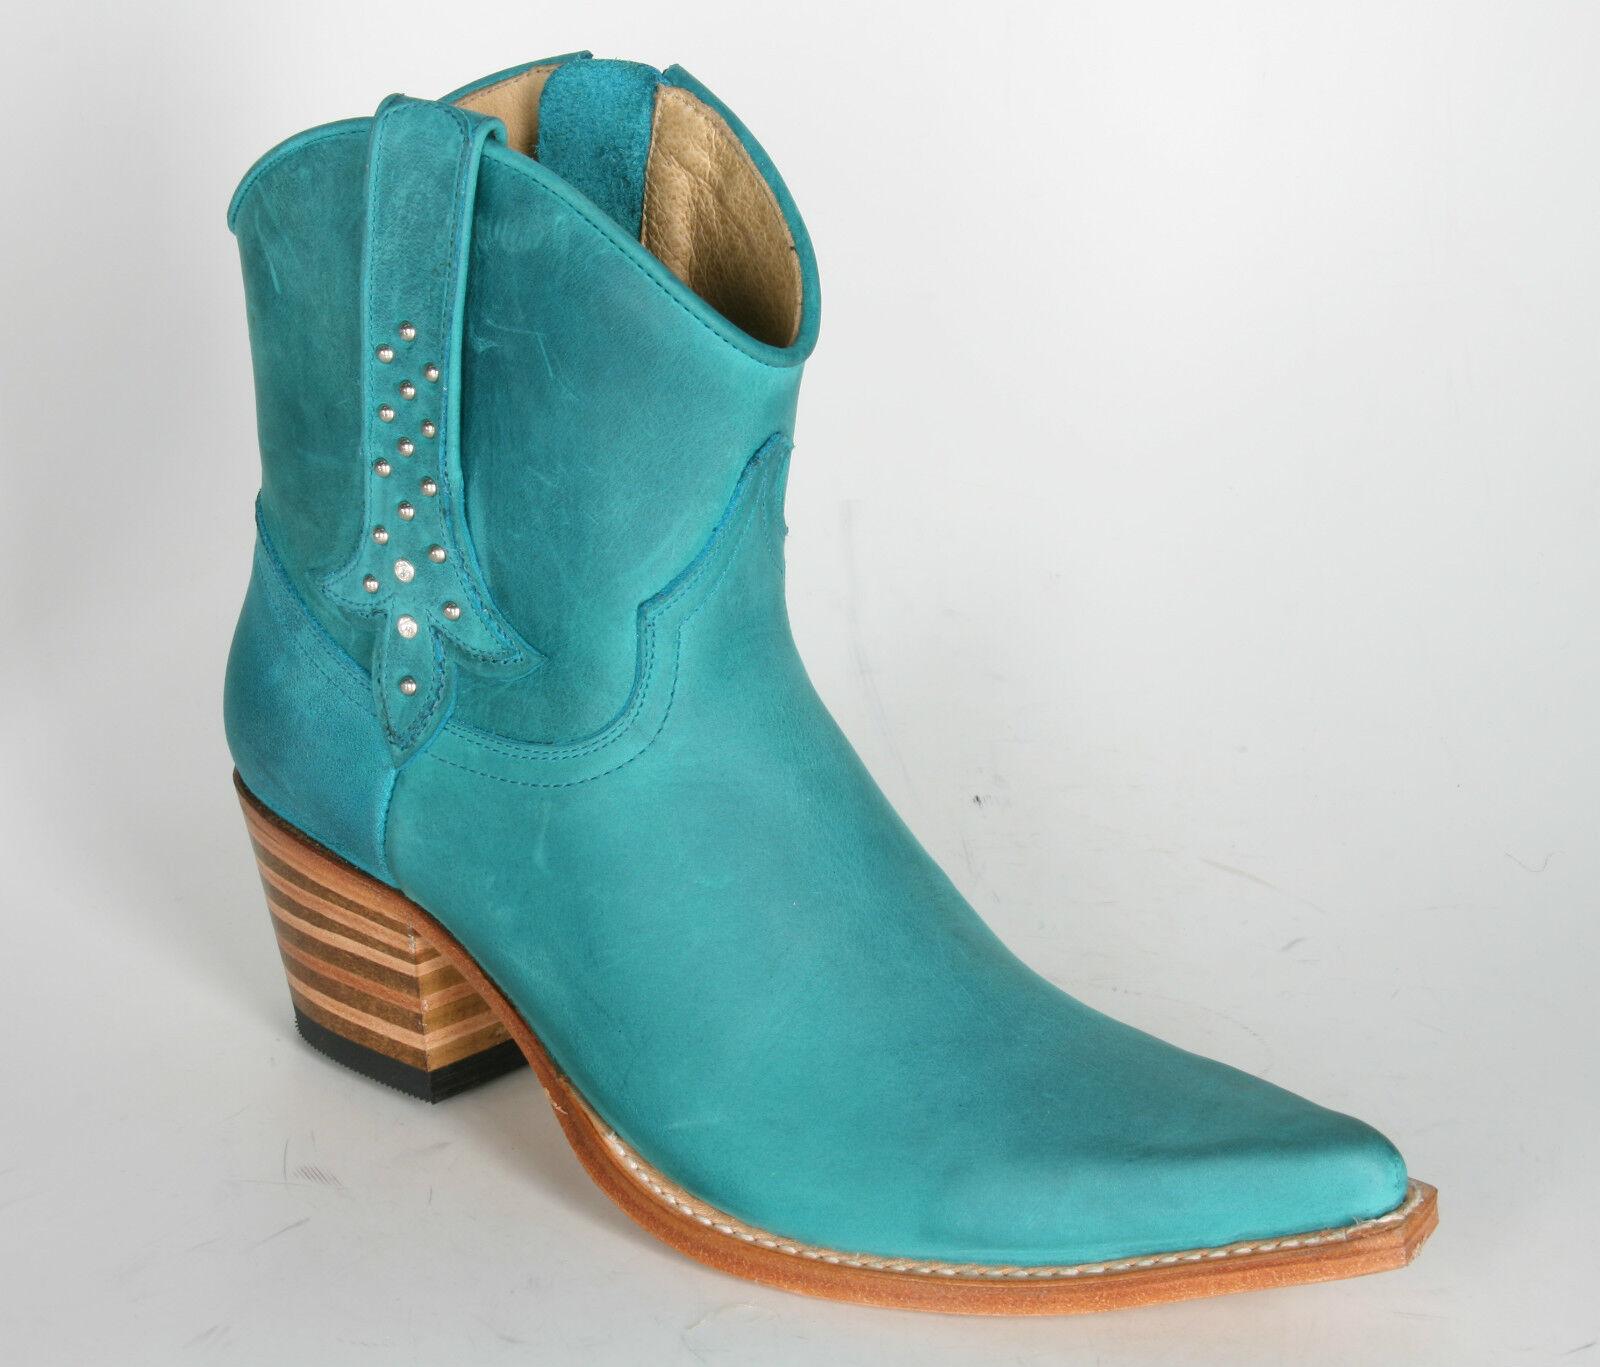 13141 Boots Sendra Boots 13141 breve-Cowboy Stivali alma Turquesa 8dc9a0